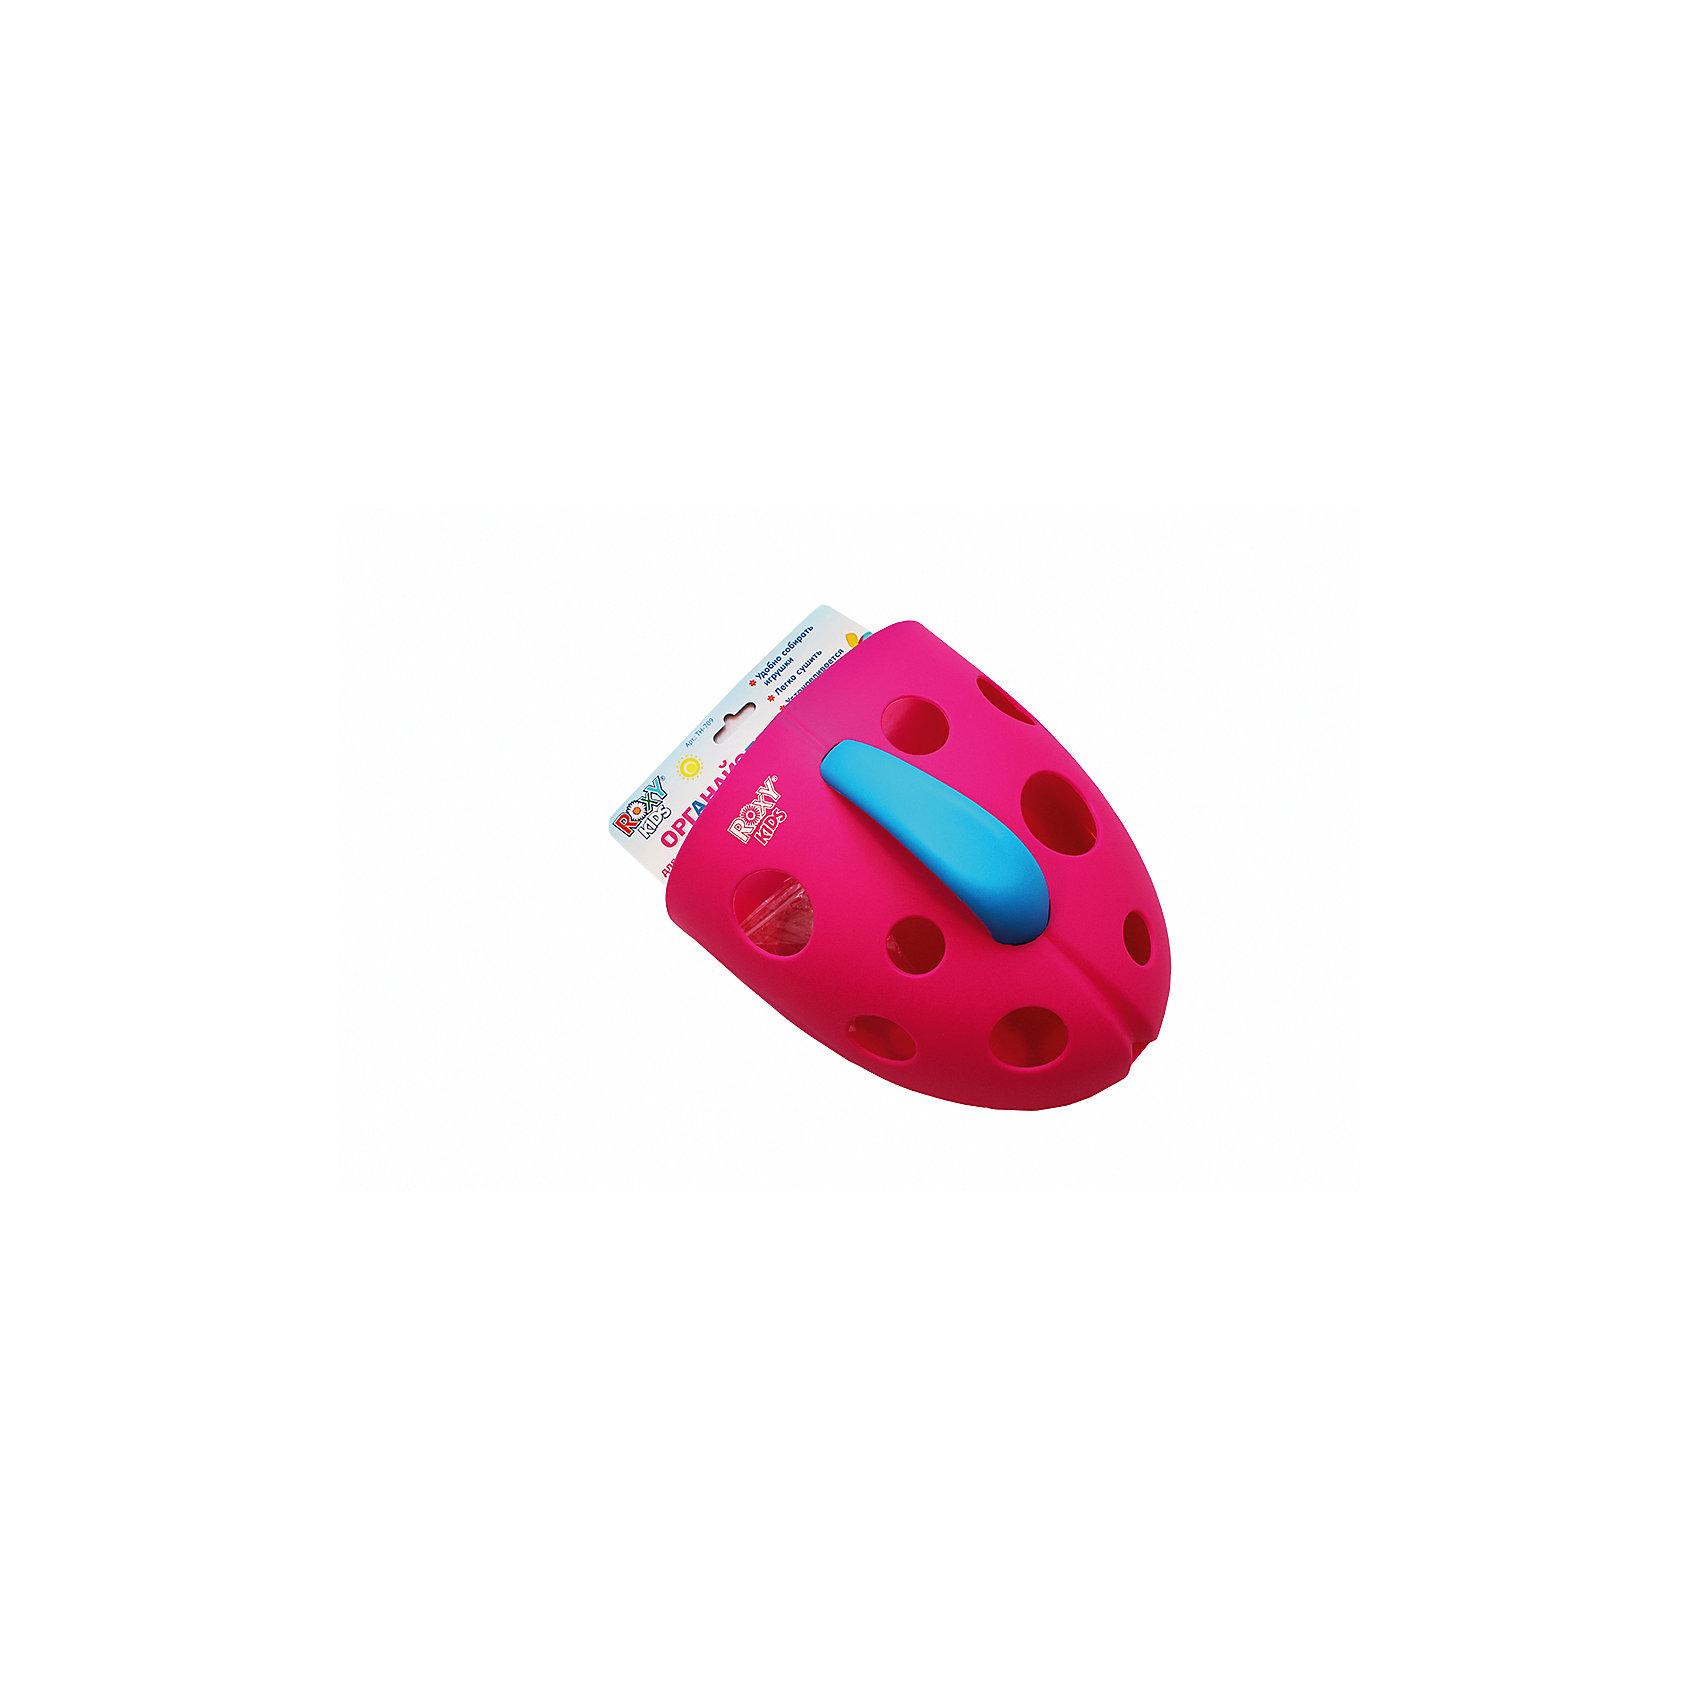 Roxy-Kids Органайзер для игрушек на присоске, Roxy-Kids, roxy kids круг музыкальный на шею для купания flipper цвет розовый